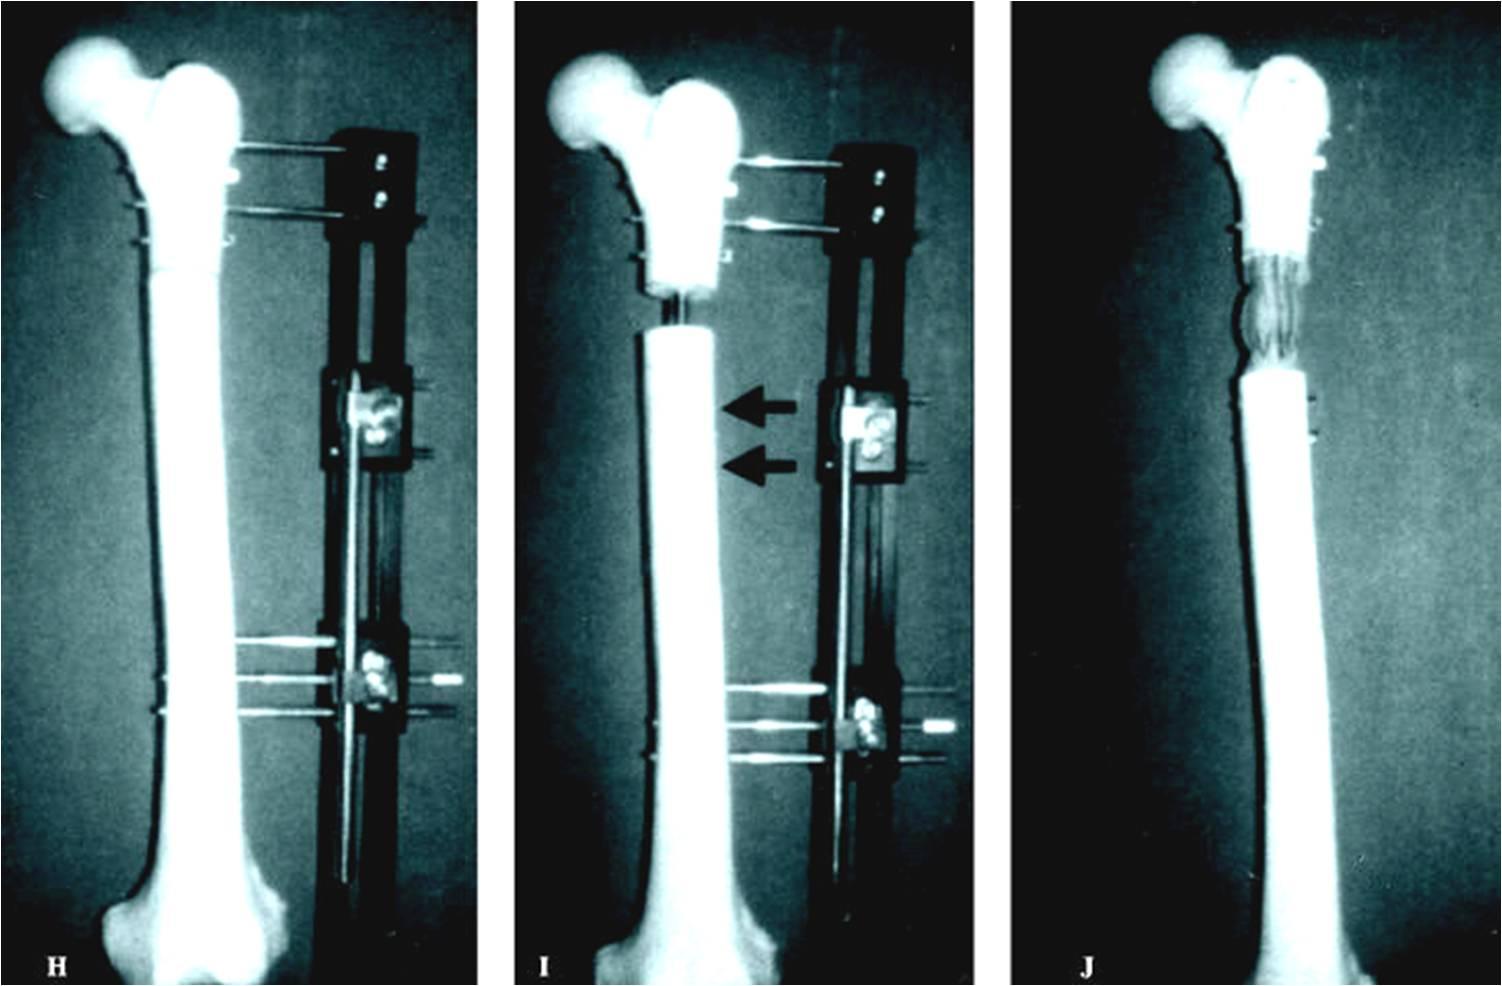 Cirugía alargamiento huesos consideraciones